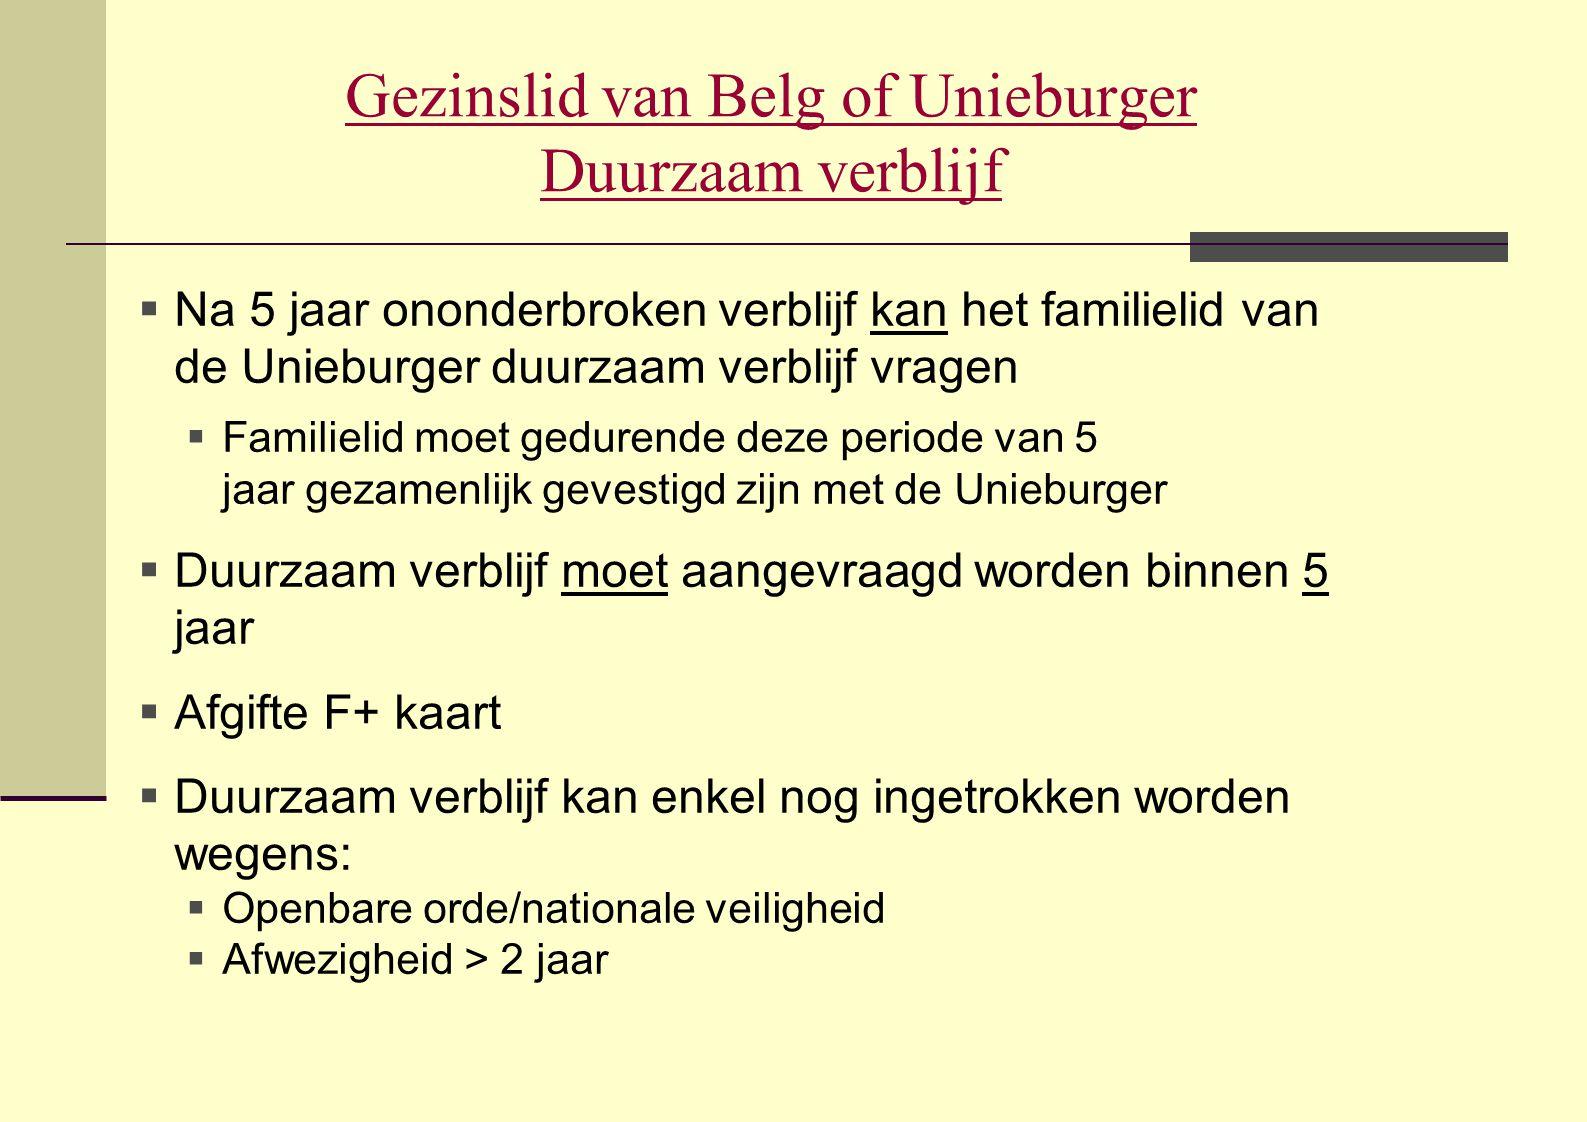 Gezinslid van Belg of Unieburger Duurzaam verblijf